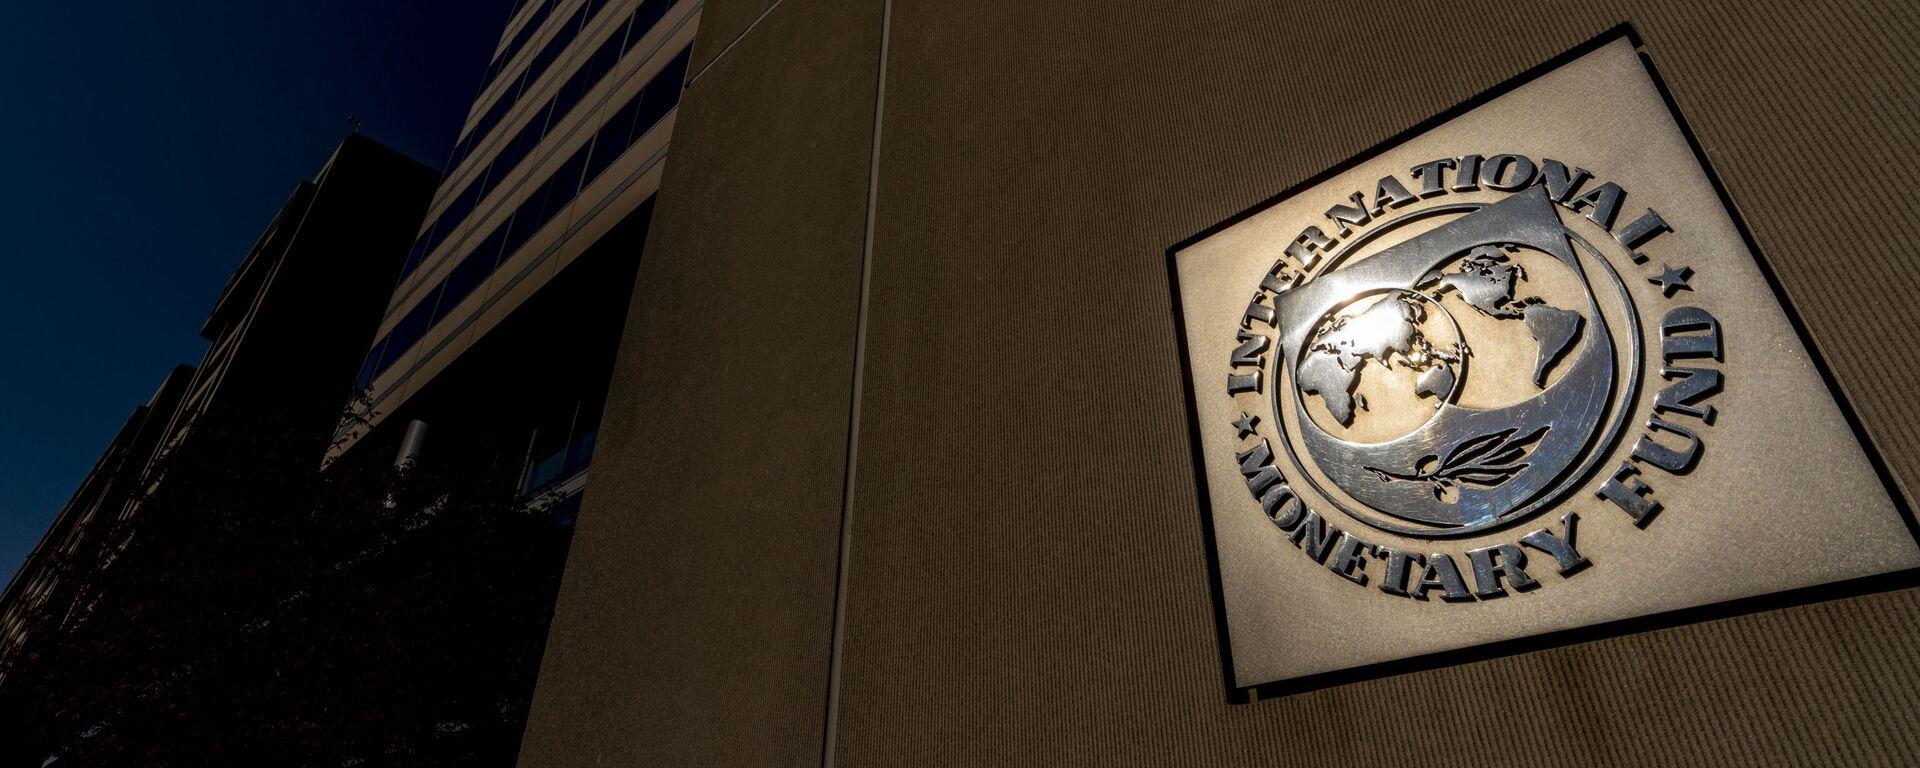 Международный валютный фонд (МВФ) в Вашингтоне - Sputnik Грузия, 1920, 05.09.2021